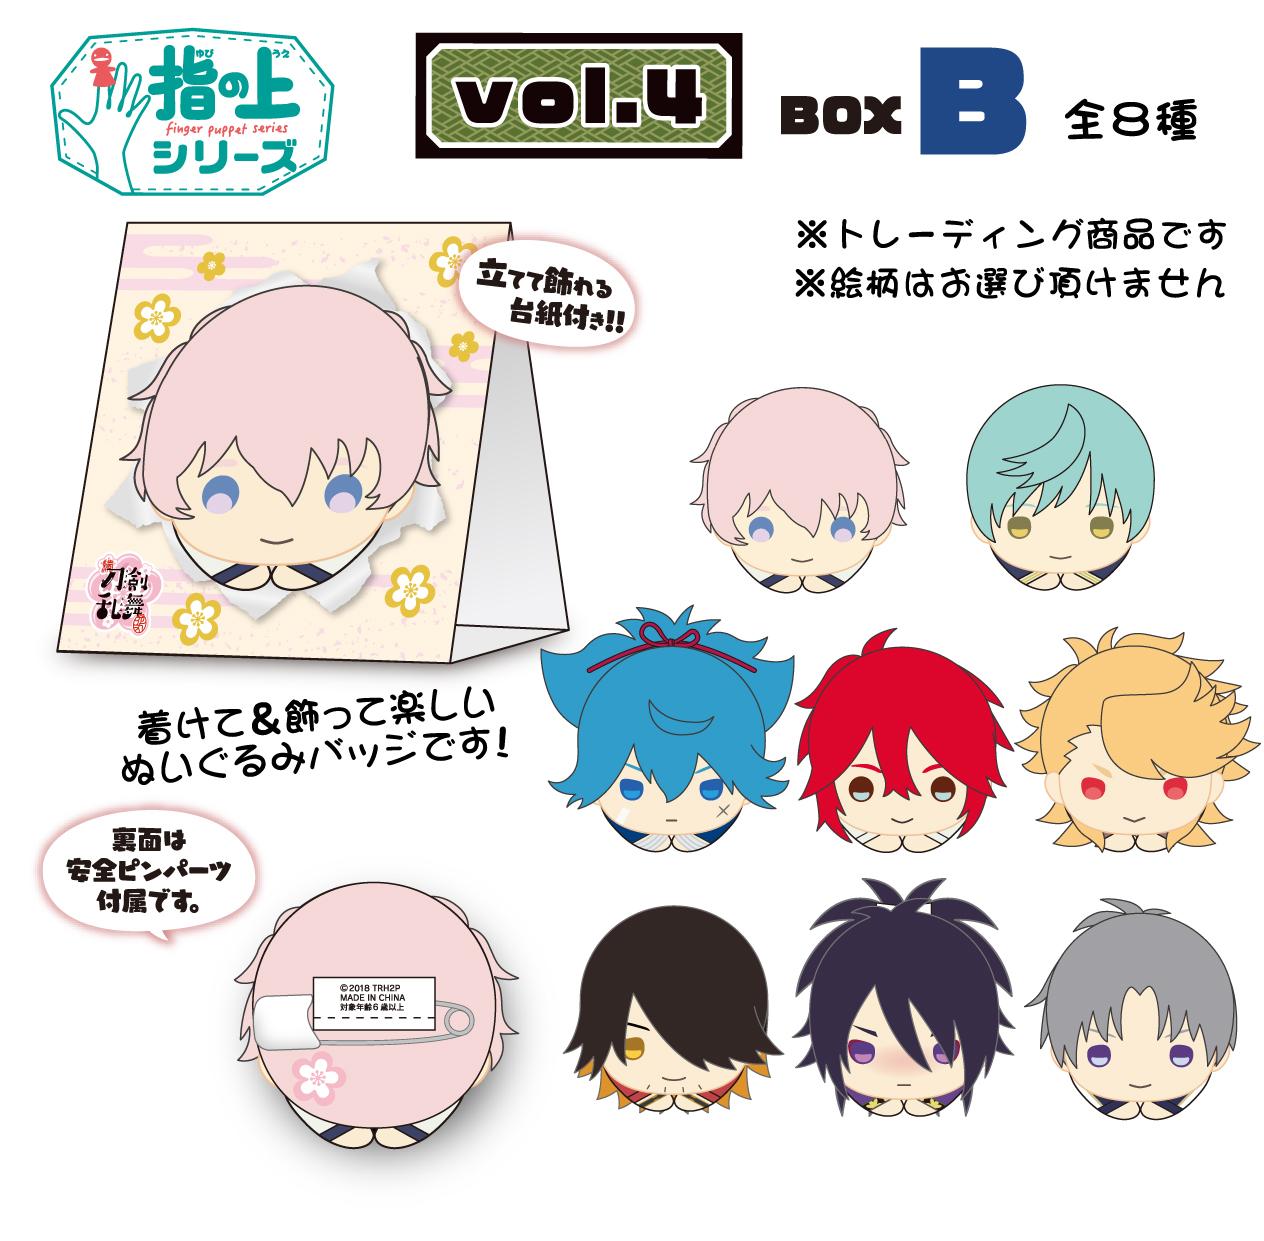 3月29日:指の上シリーズデザイン 飛び出せ!ぬいマスコット vol.4 BOX B